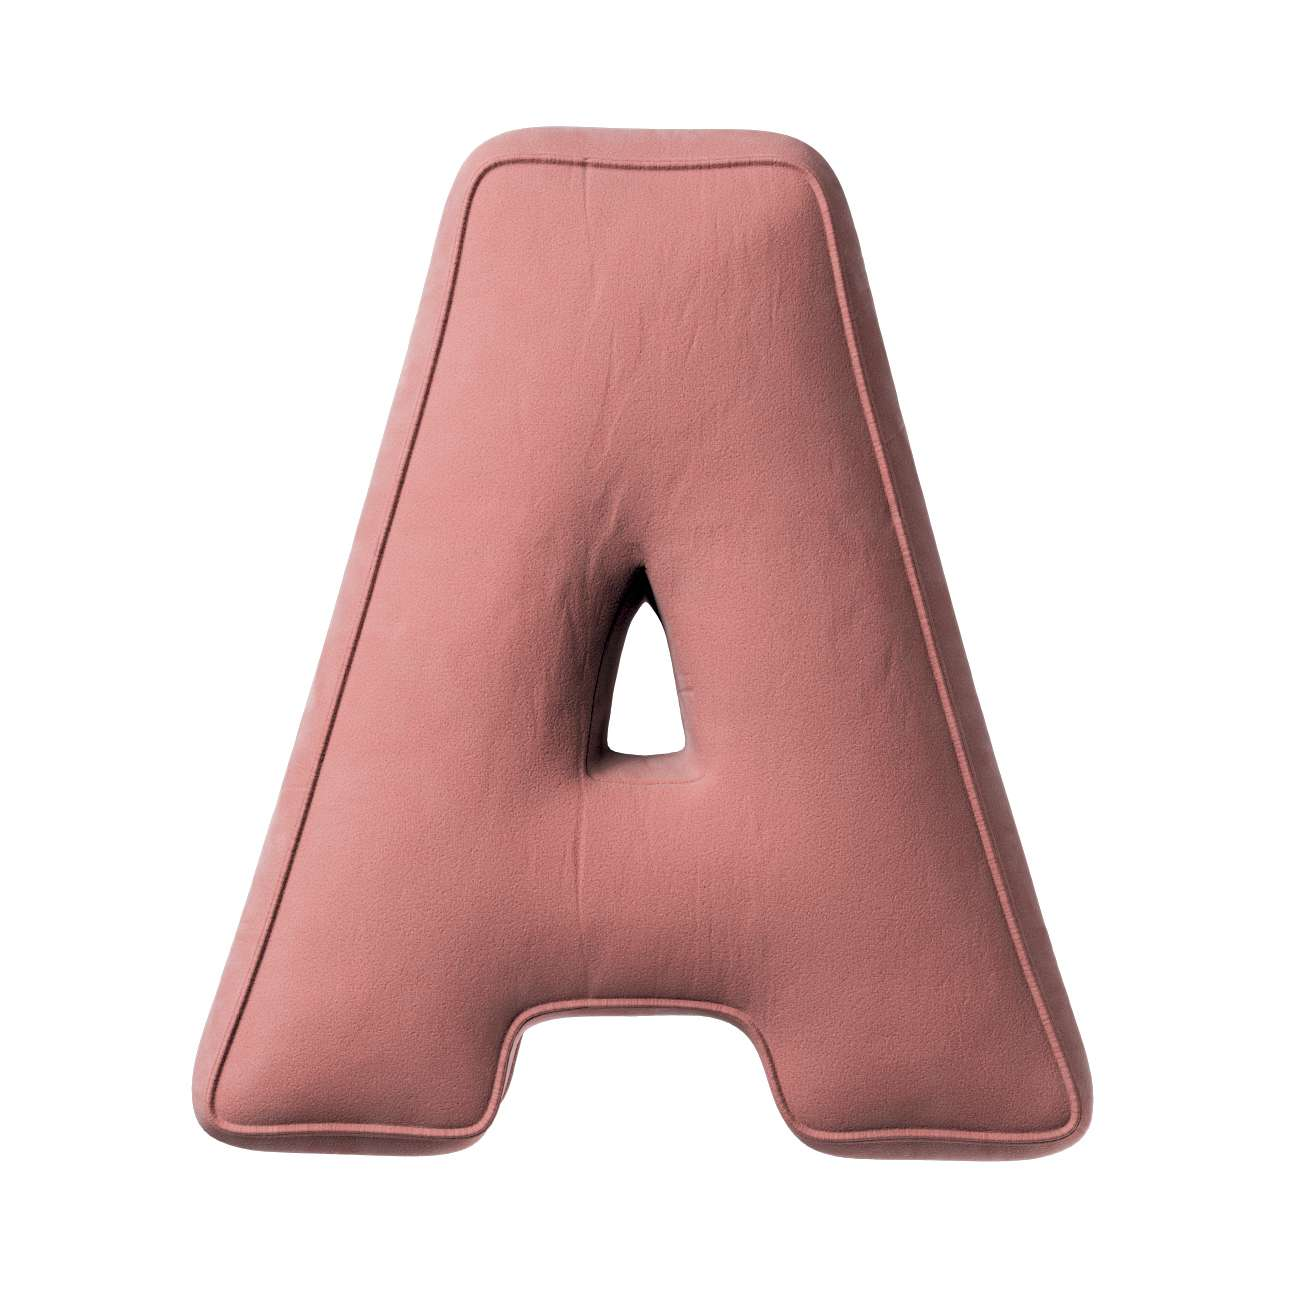 Poduszka literka A w kolekcji Posh Velvet, tkanina: 704-30